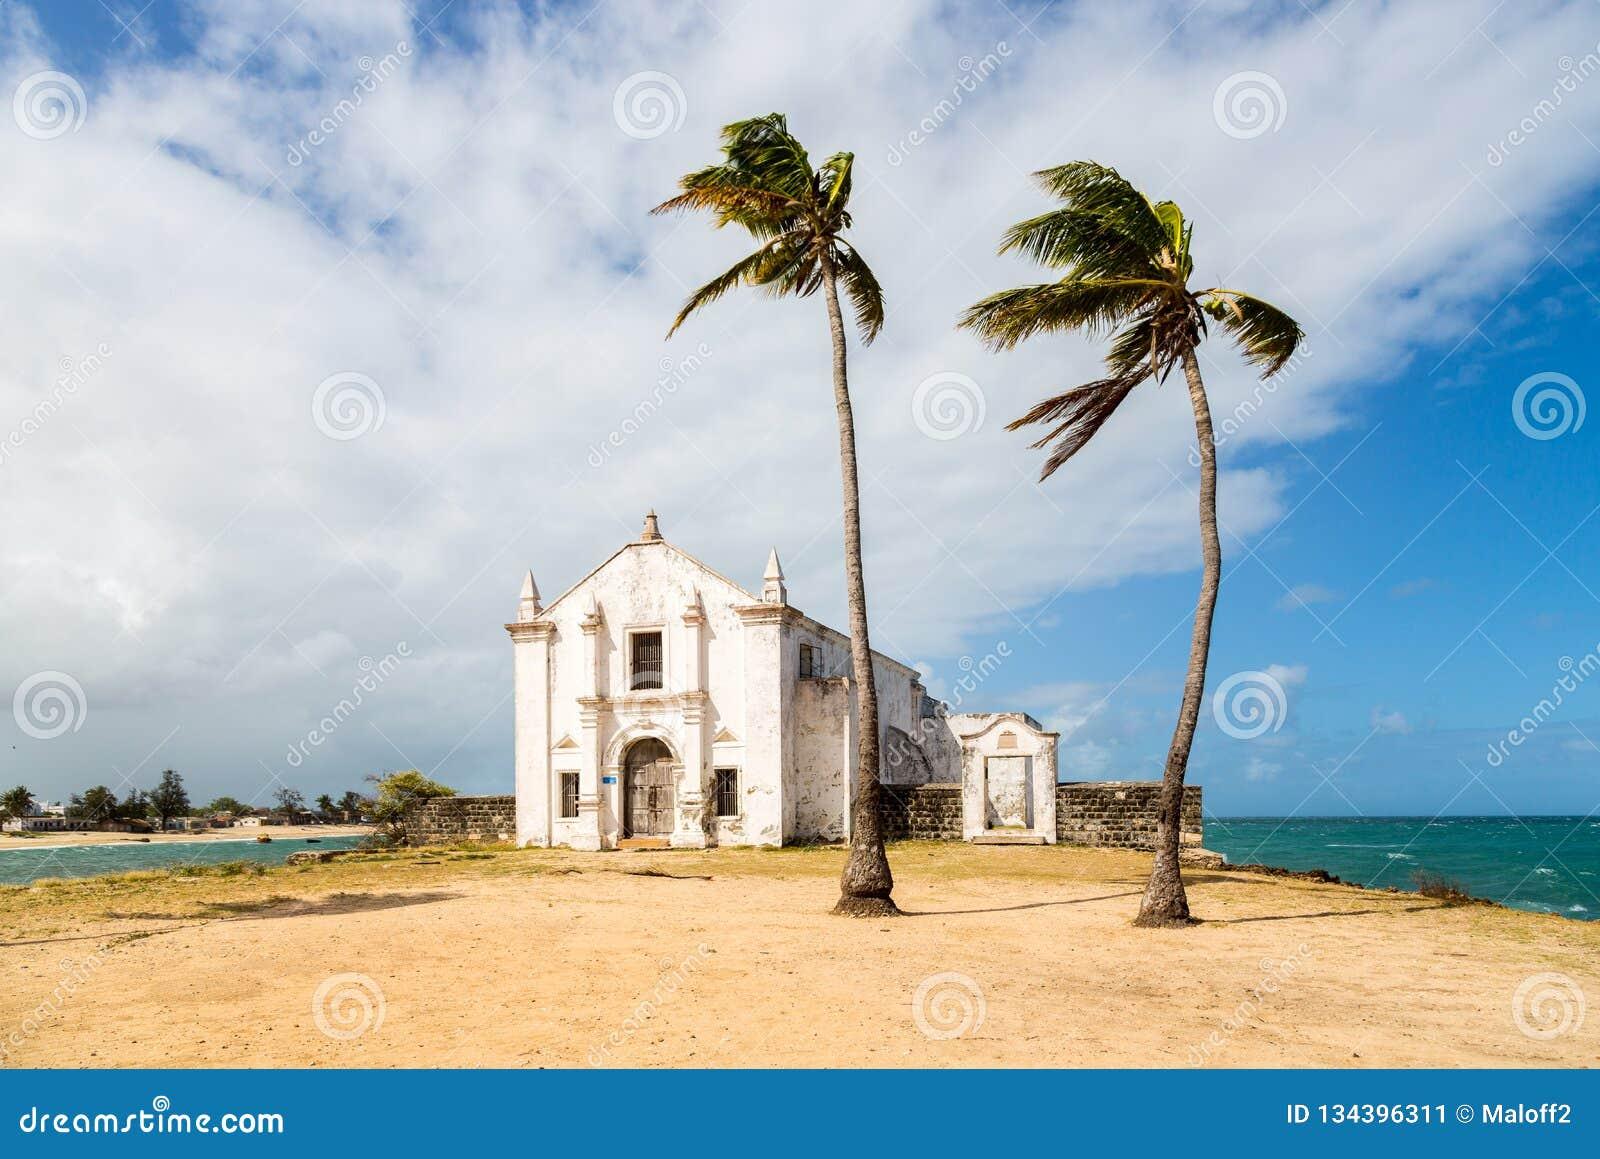 Église et forteresse de San Antonio sur l île de la Mozambique, avec deux palmiers sur le sable Côte de l Océan Indien, province